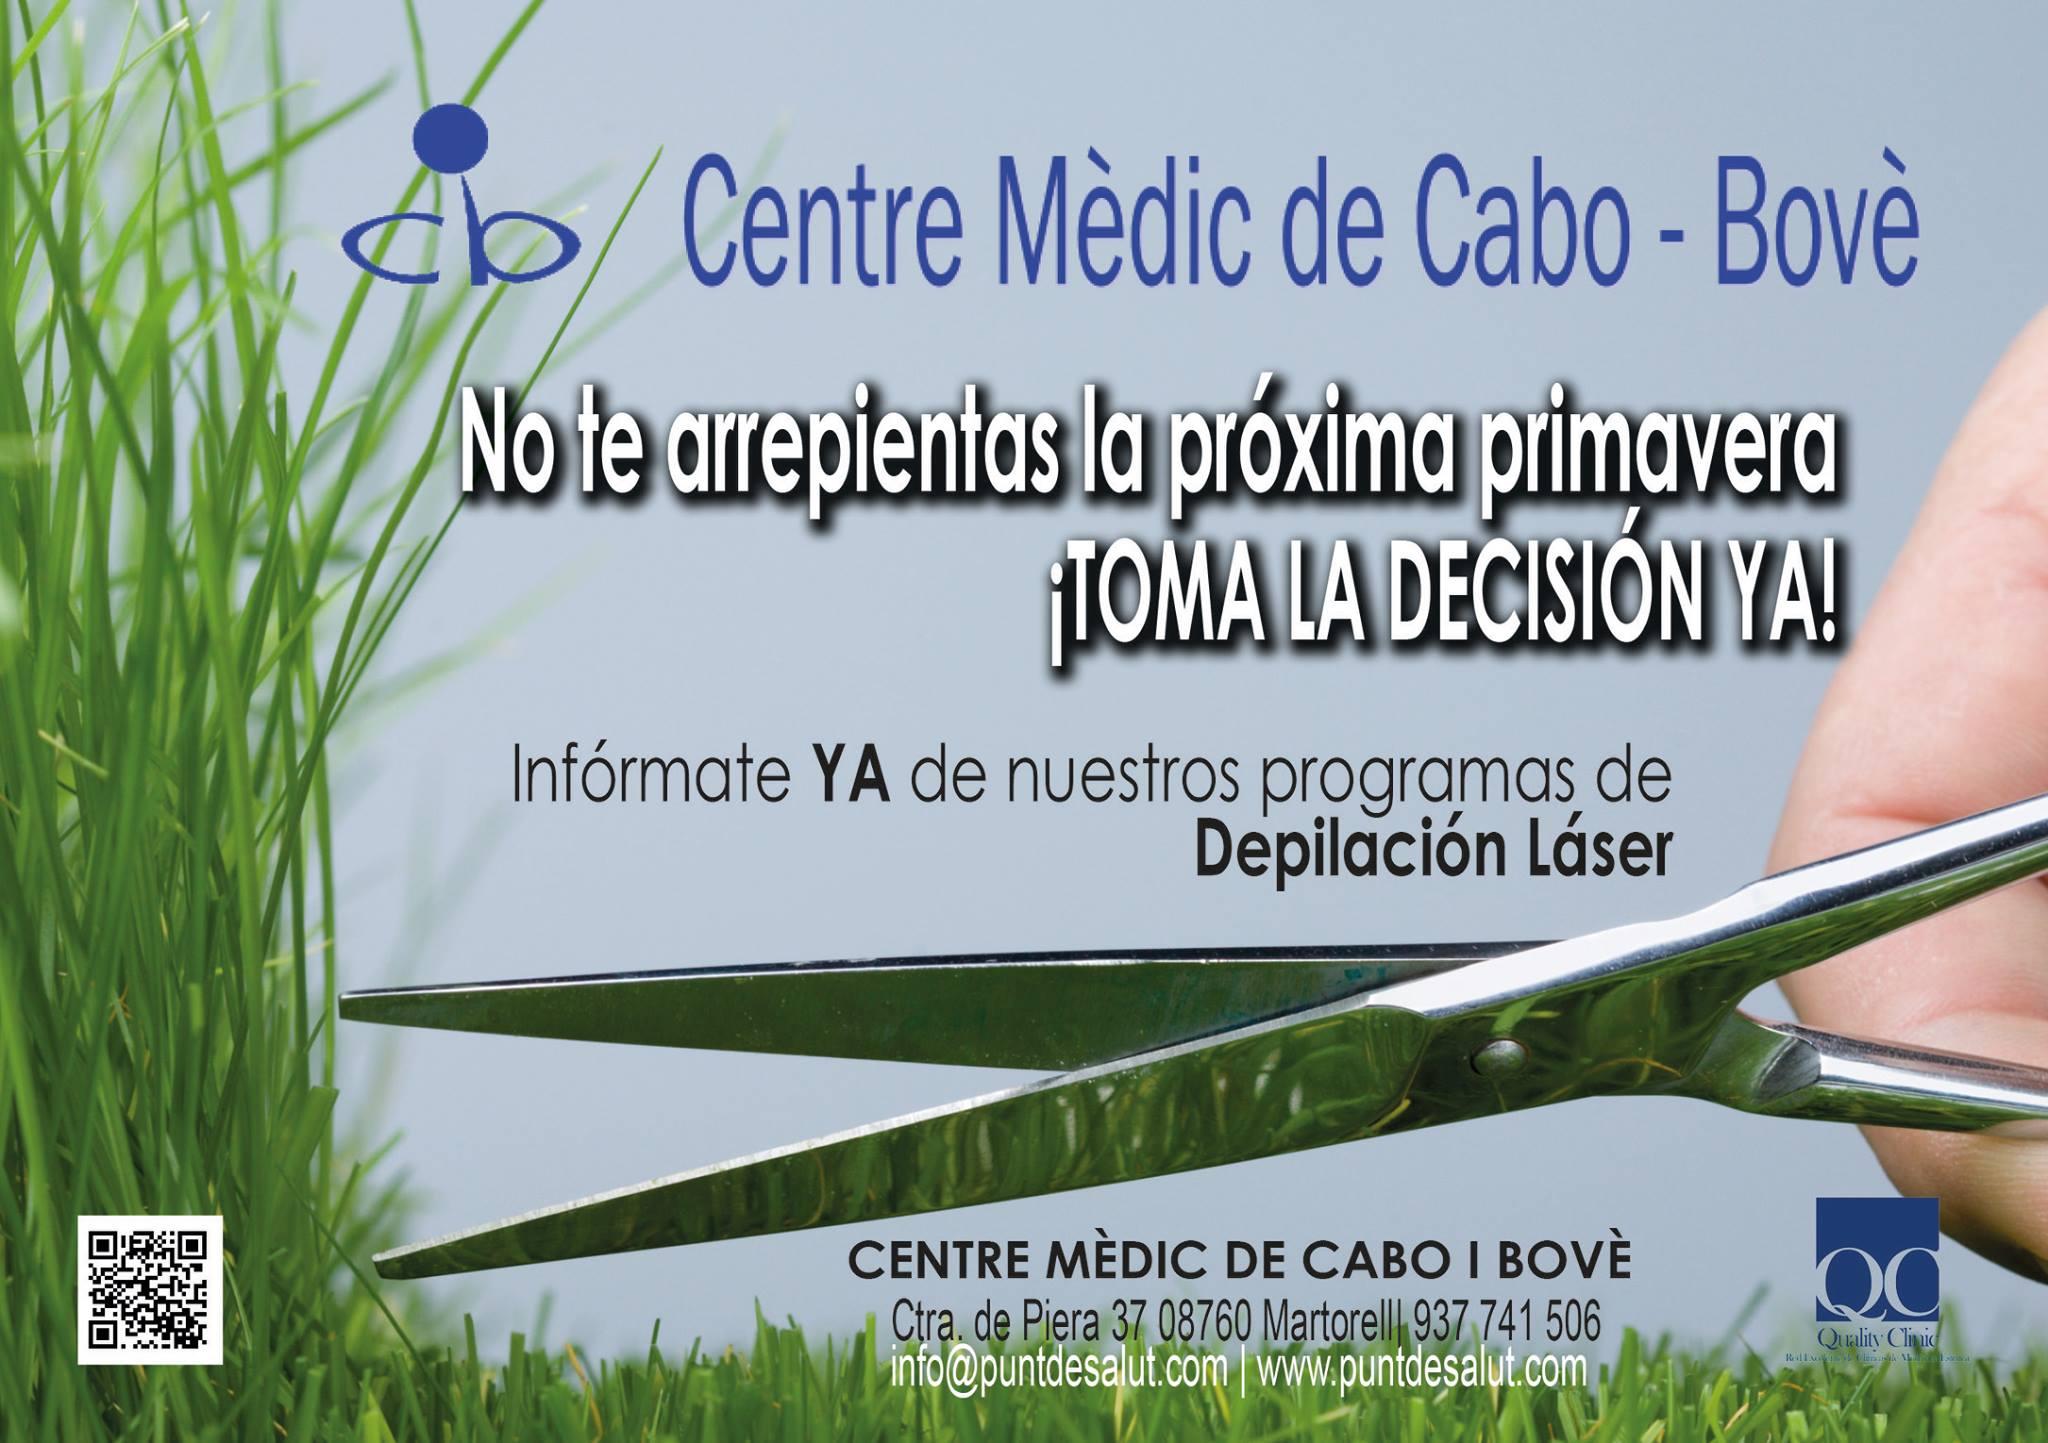 Centro médico de Cabo - Bove